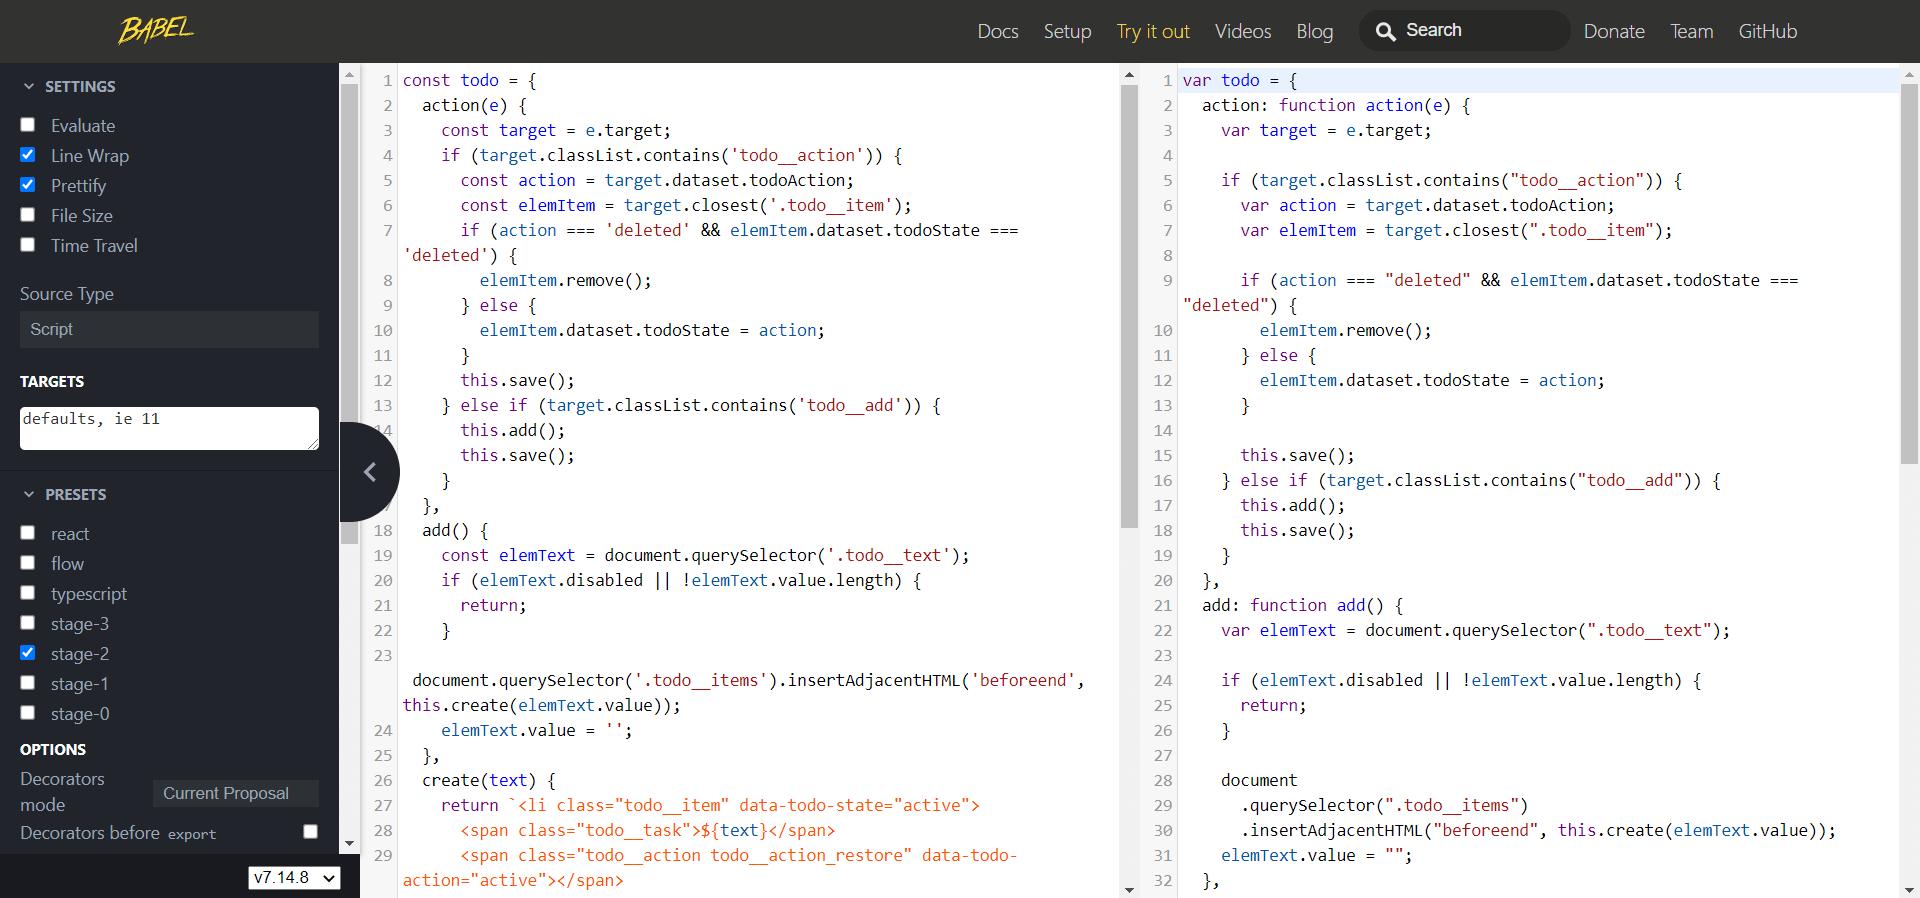 Преобразование исходного синтаксиса в такой, который поддерживает Internet Explorer 11